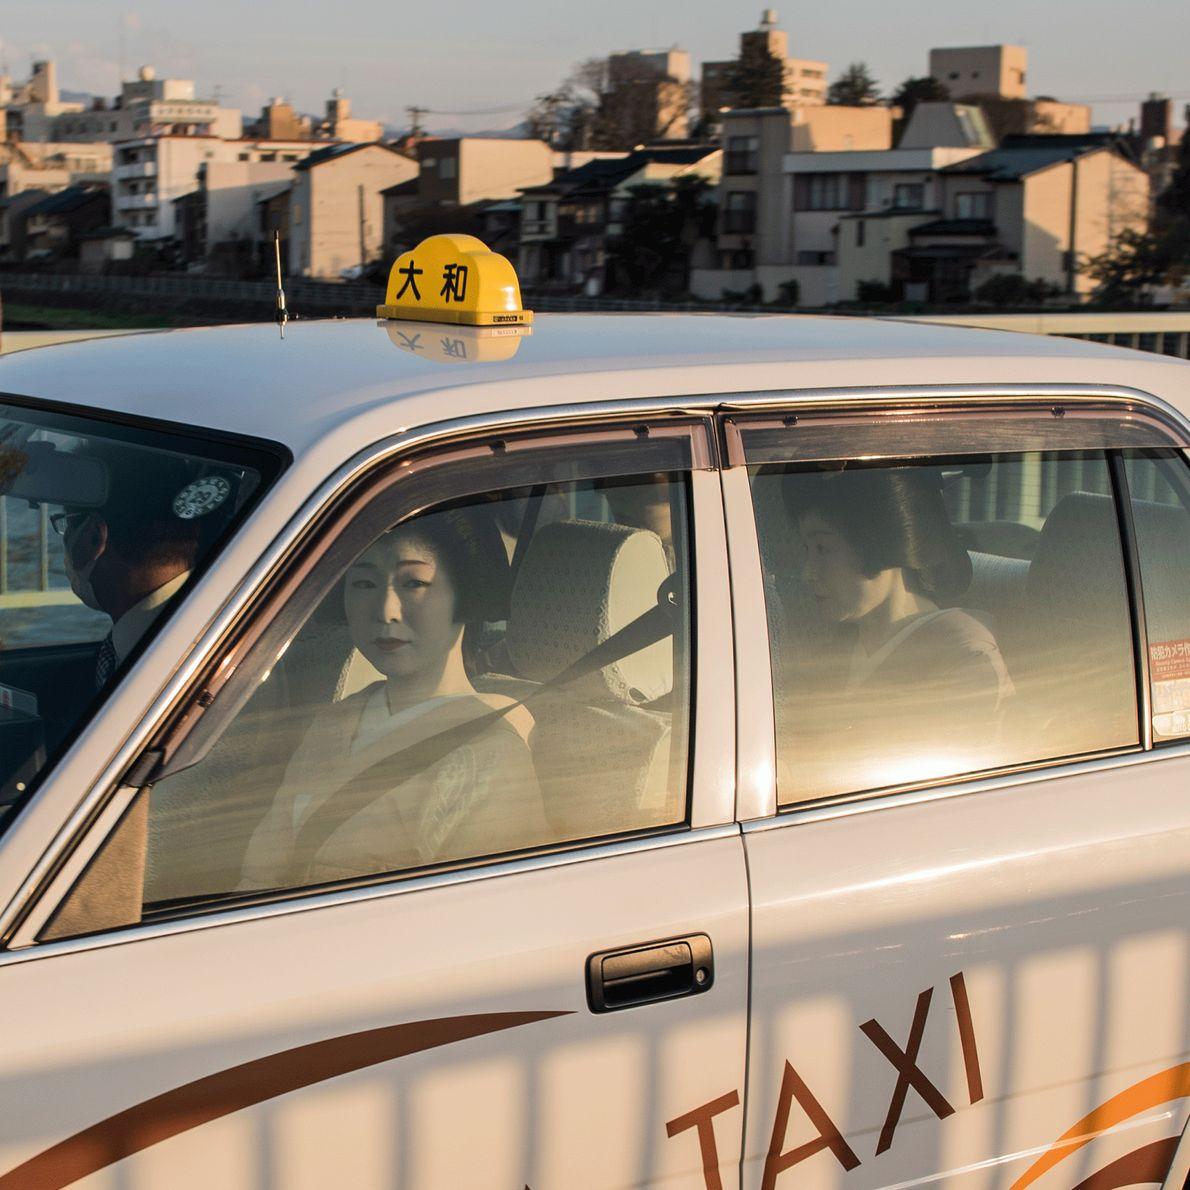 Foto de gueixas japonesas no táxi